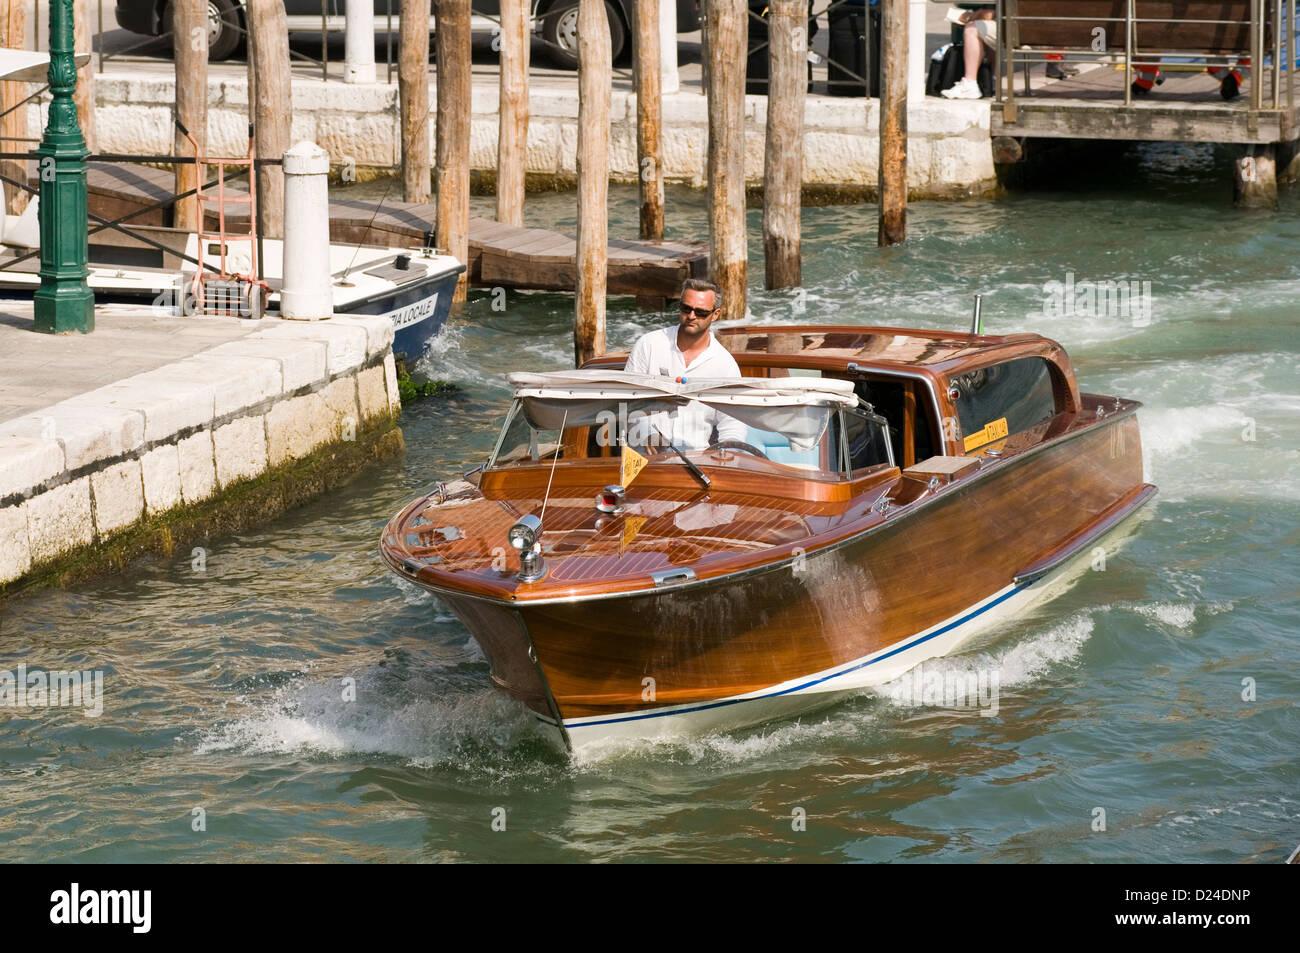 venice italy speed boats - photo#36